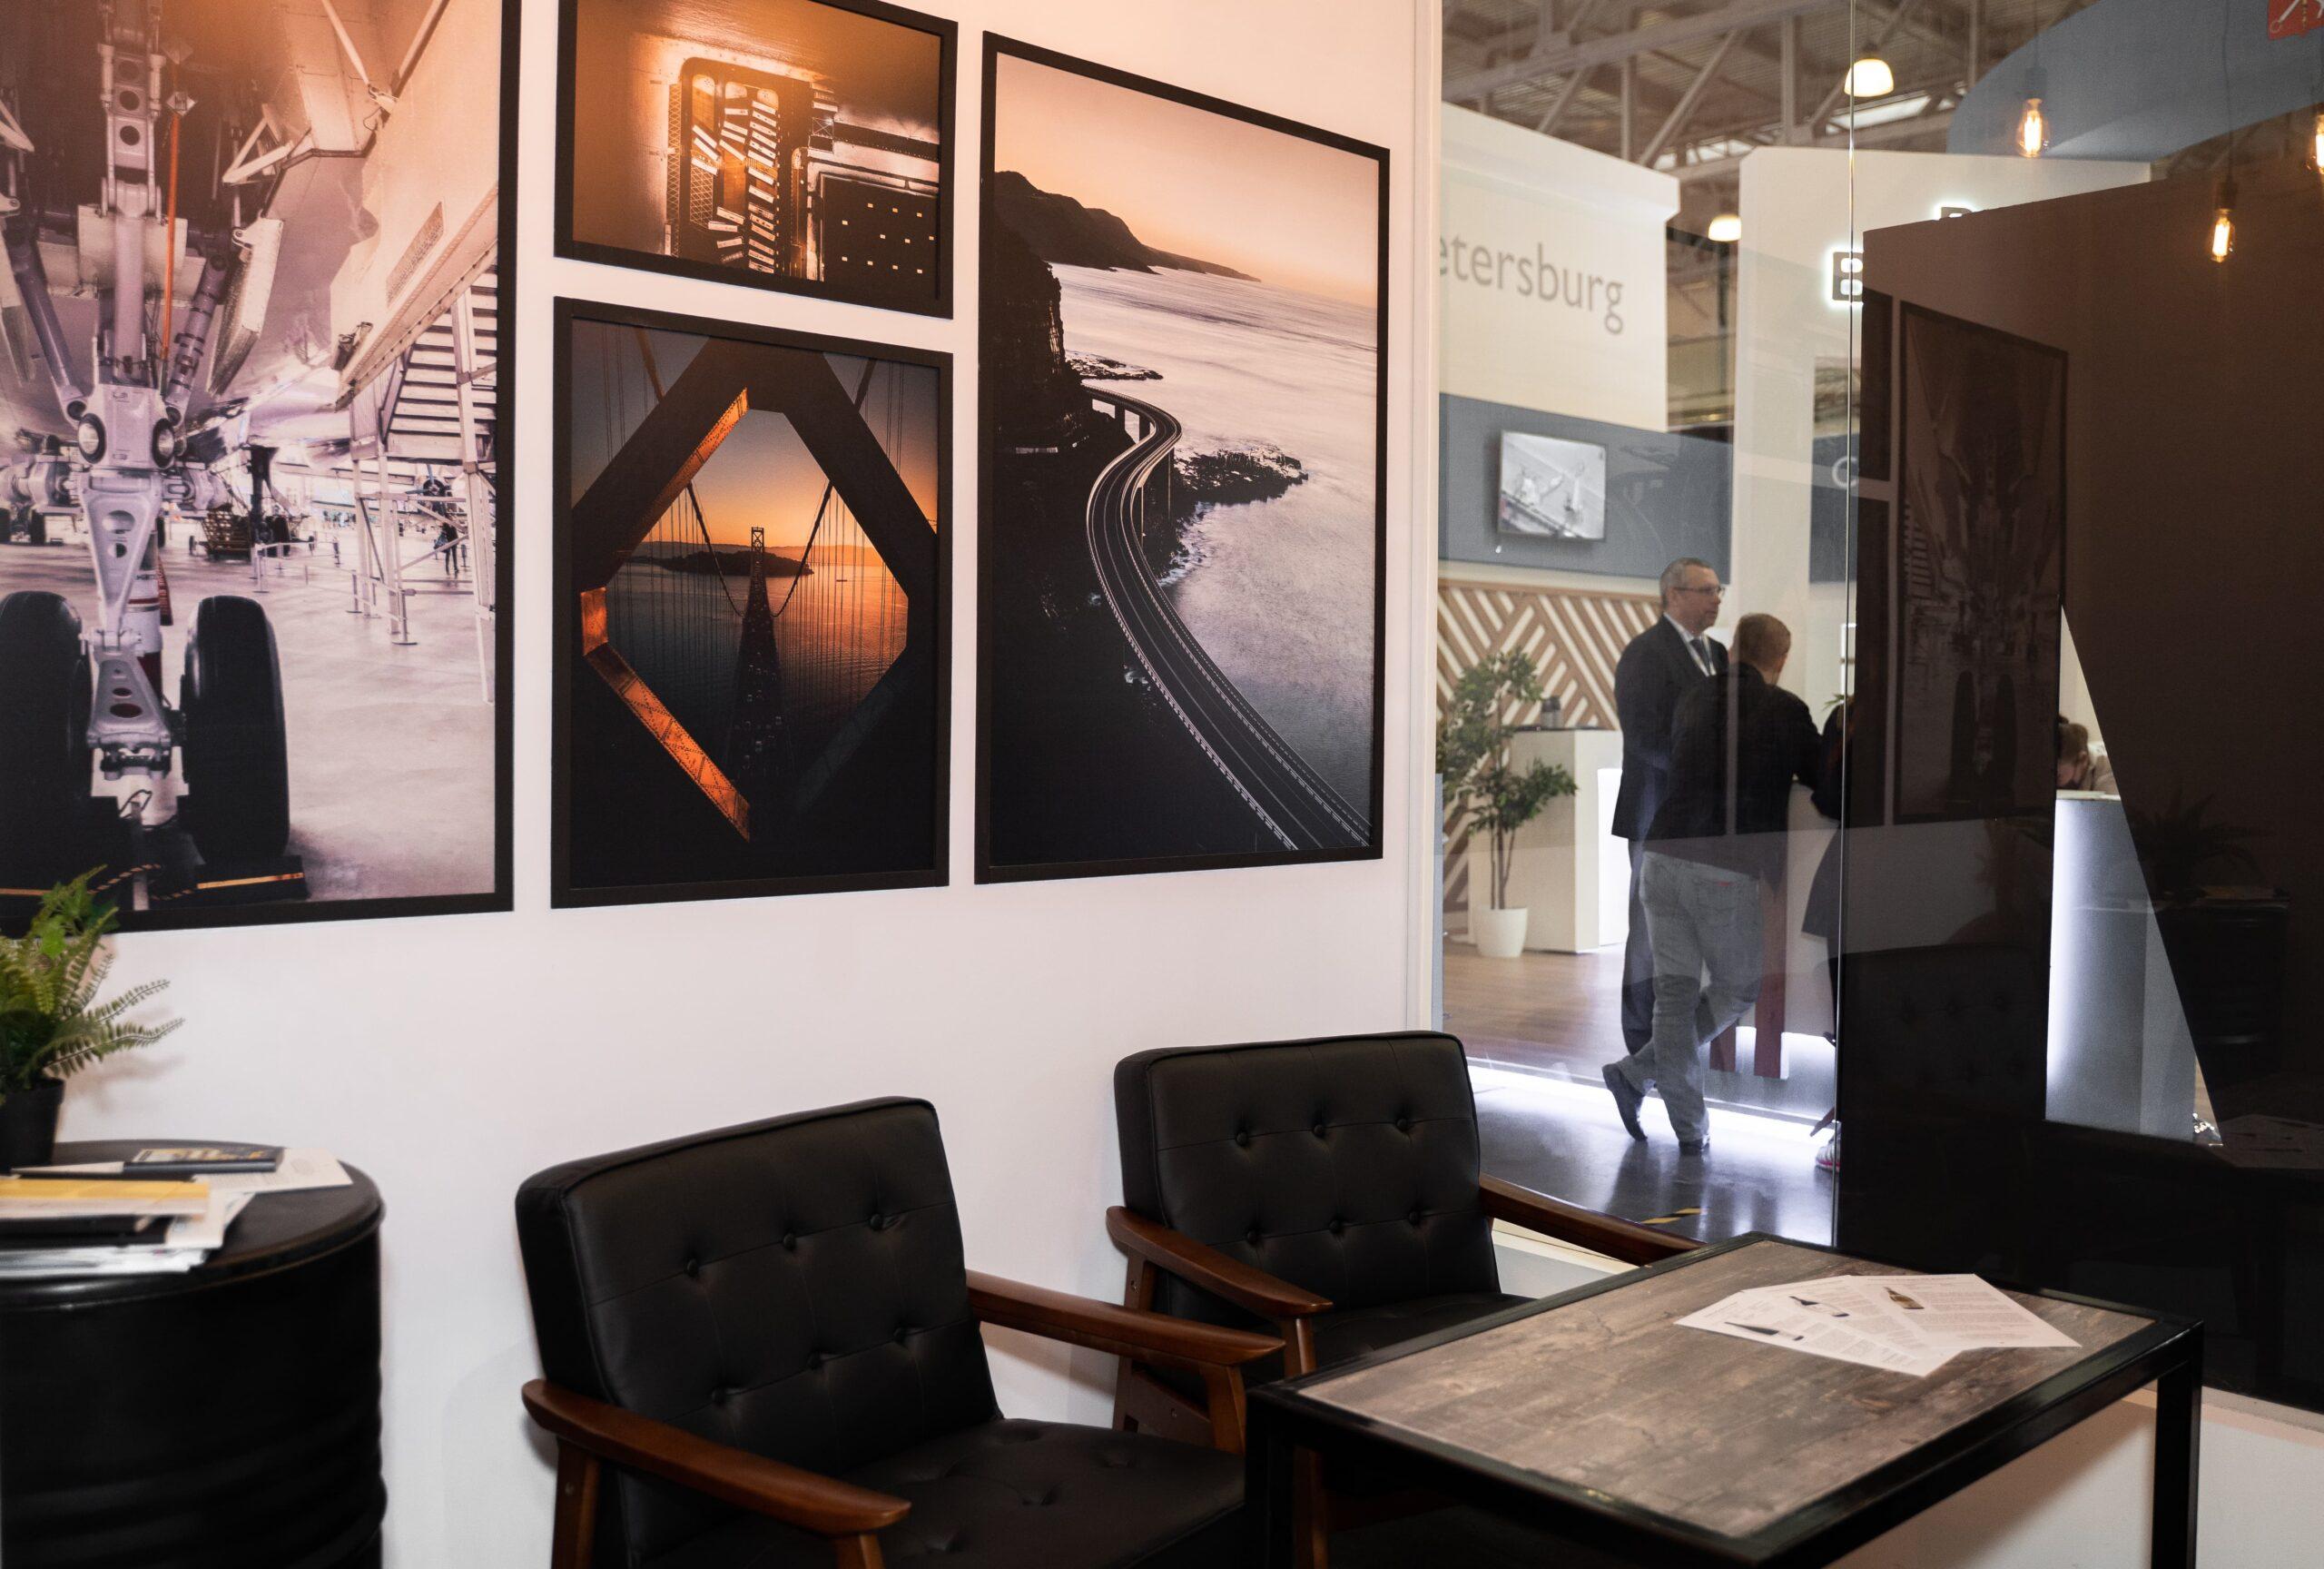 Выставка как инвестиция: опыт одной из крупных логистических компаний Дальнего Востока России